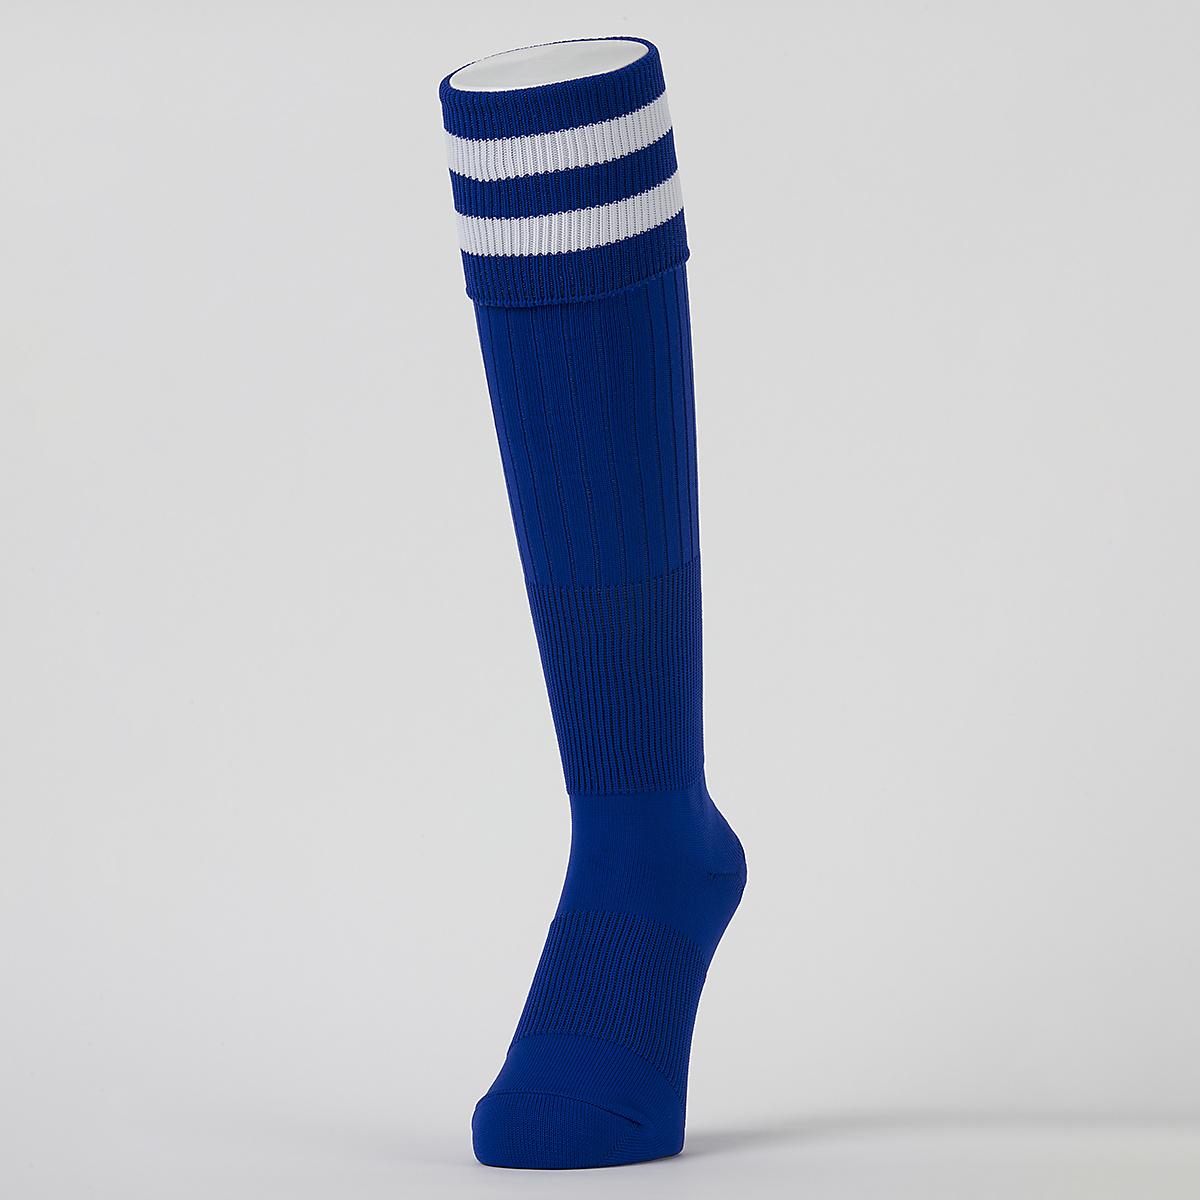 エスエーギア サッカー ジュニアストッキング 2ラインソックス 2224 s.a.gear ホワイト 22-24 商舗 最新アイテム SA-Y19-002-007 ジュニア ブルー